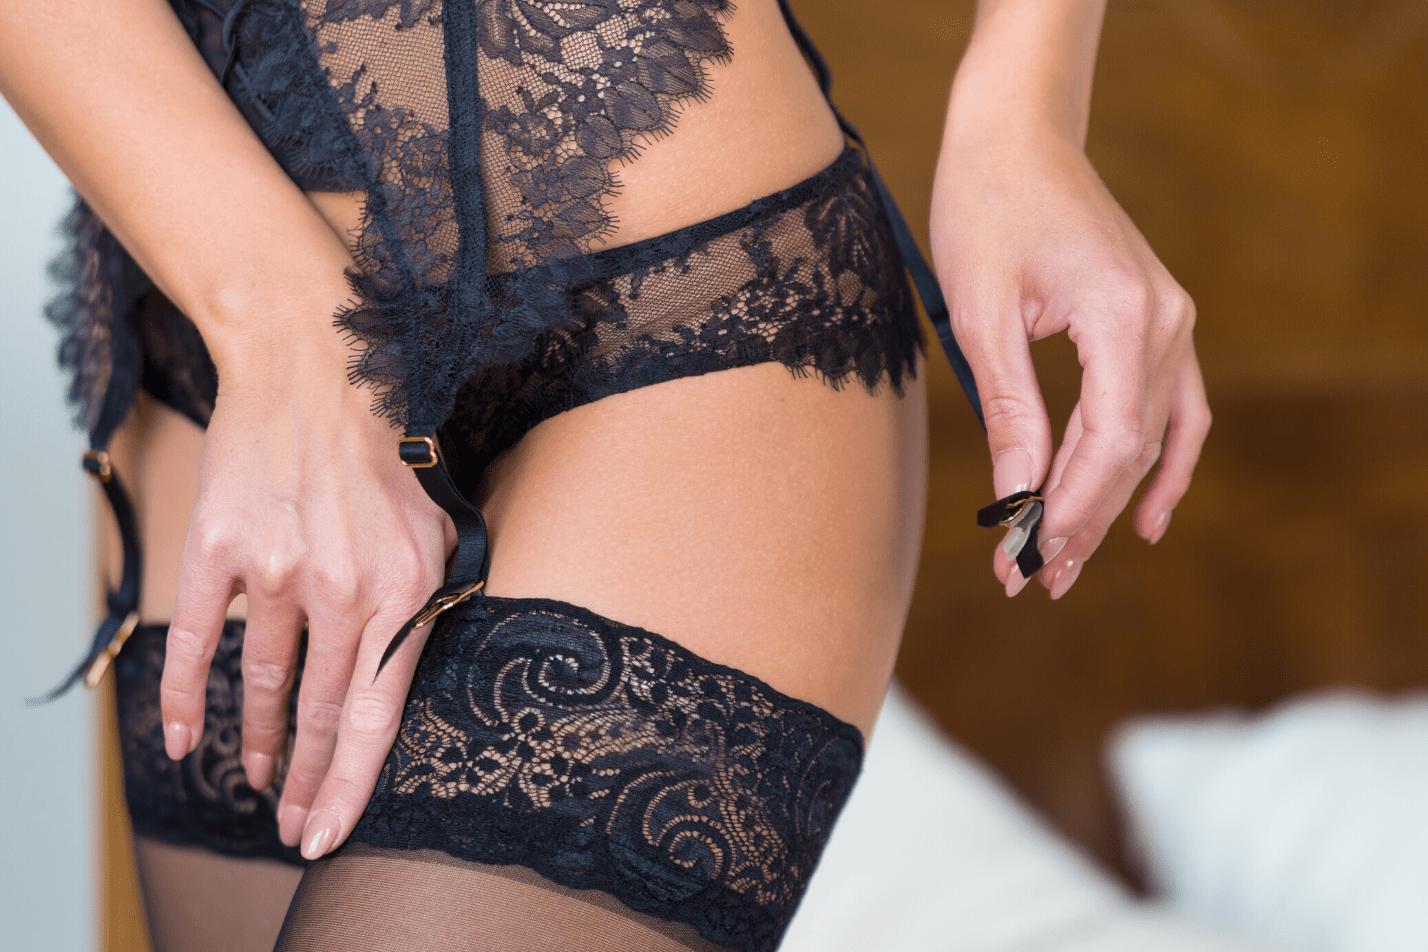 Défilé de lingerie à domicile